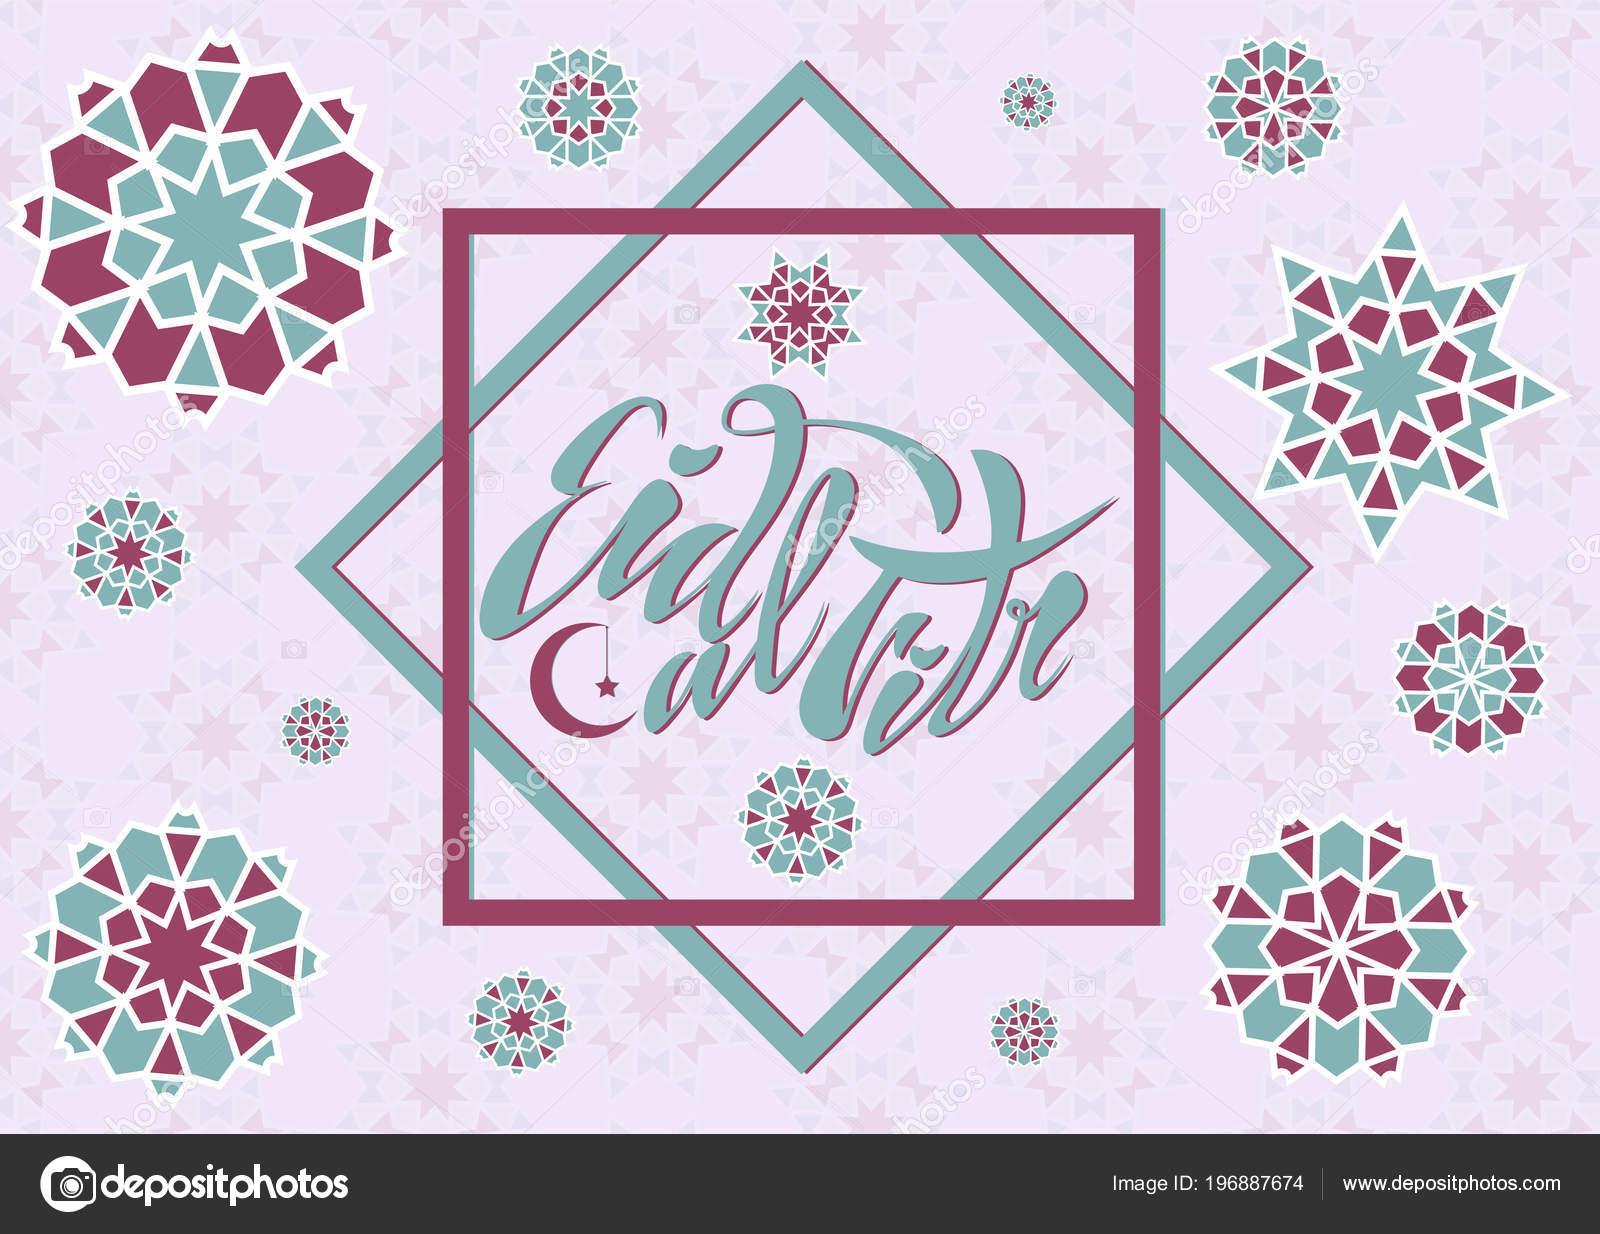 Vector Illustration Of A Handwritten Text, Lettering Inscription Eid Al